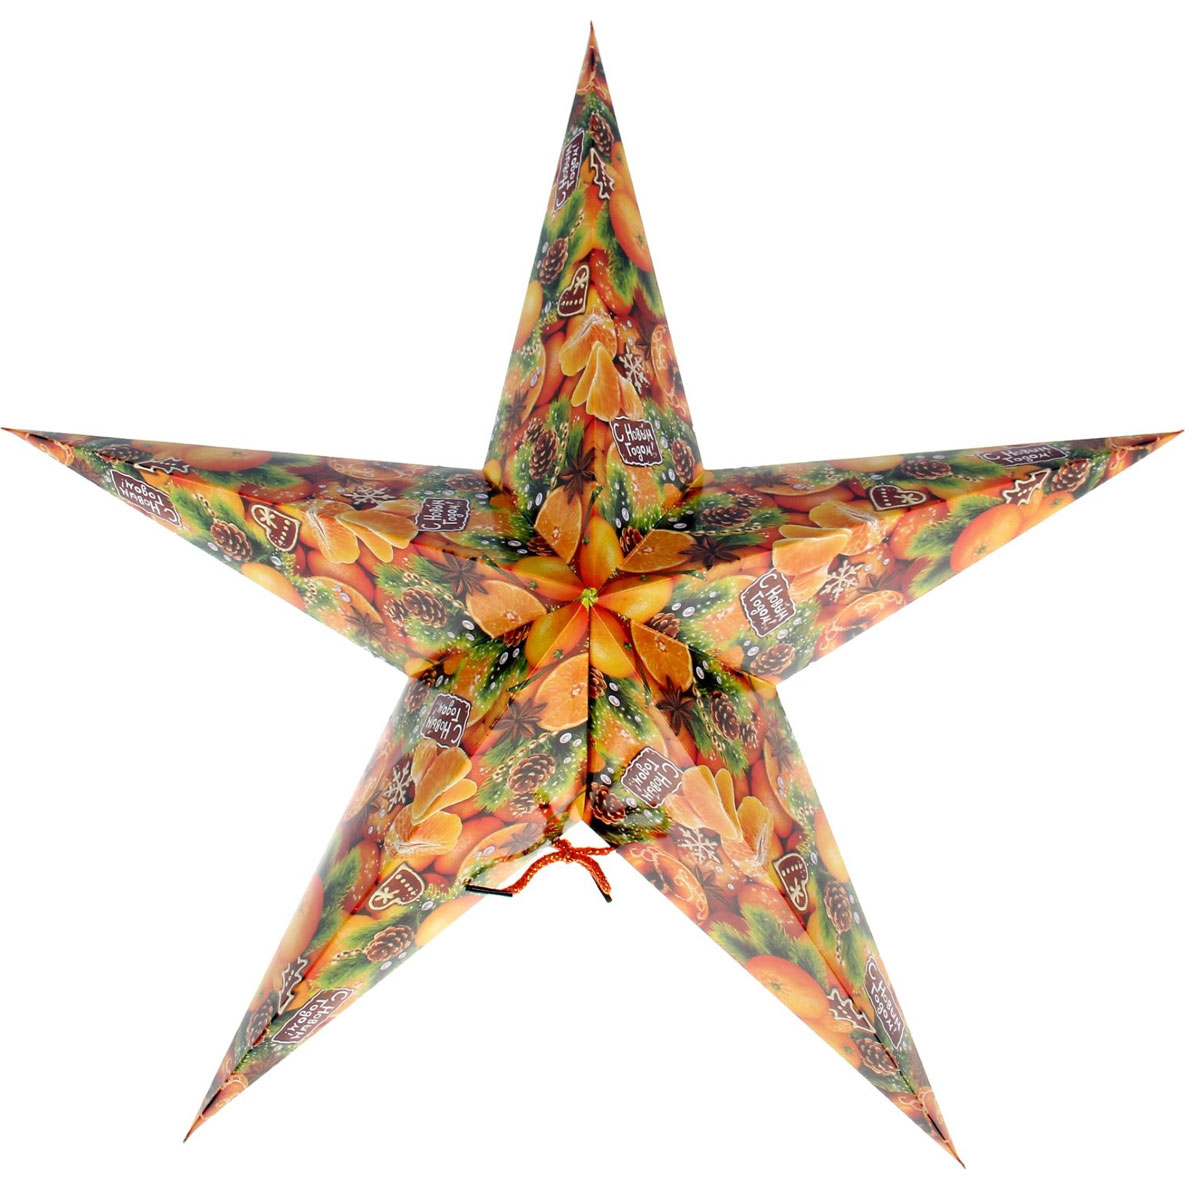 Новогоднее подвесное украшение Sima-land Звезда. Мандарины, 64 х 64 х 25 см19201Подвесное украшение Sima-land Звезда. Мандарины, выполненное из картона, прекрасно подойдет для праздничного декора интерьера. С помощью шнурка его можно повесить в любом понравившемся вам месте. Новогодние украшения несут в себе волшебство и красоту праздника. Они помогут вам украсить дом к предстоящим праздникам и оживить интерьер по вашему вкусу. Создайте в доме атмосферу тепла, веселья и радости, украшая его всей семьей.